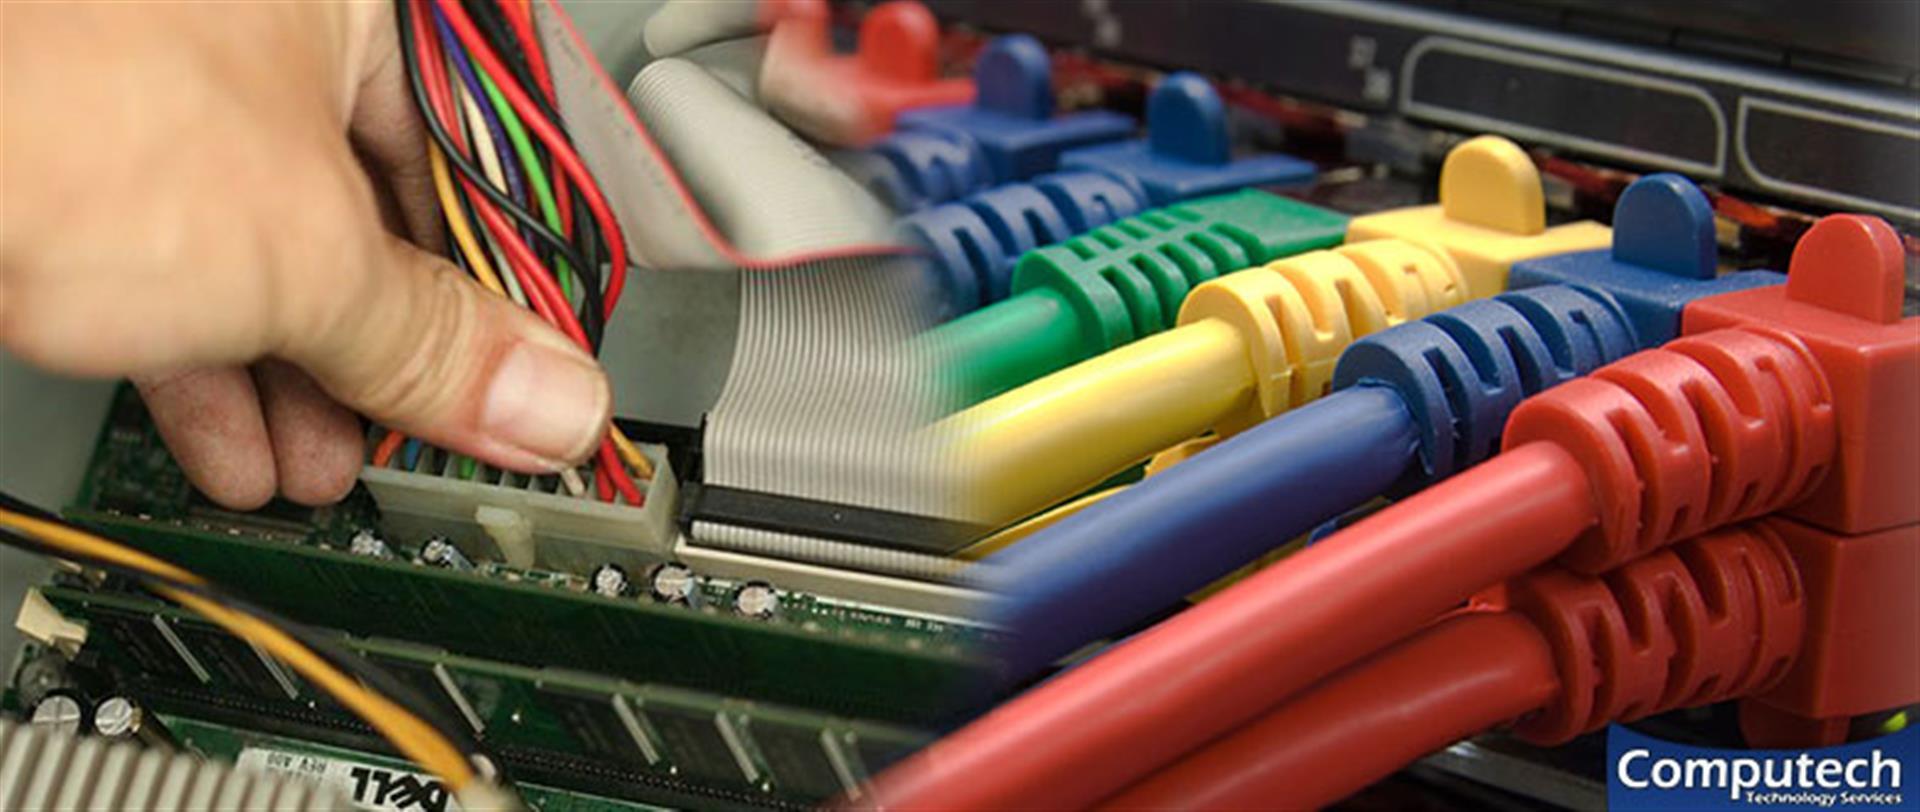 Albertville Alabama Onsite Computer PC & Printer Repair, Networking, Telecom & Data Cabling Solutions